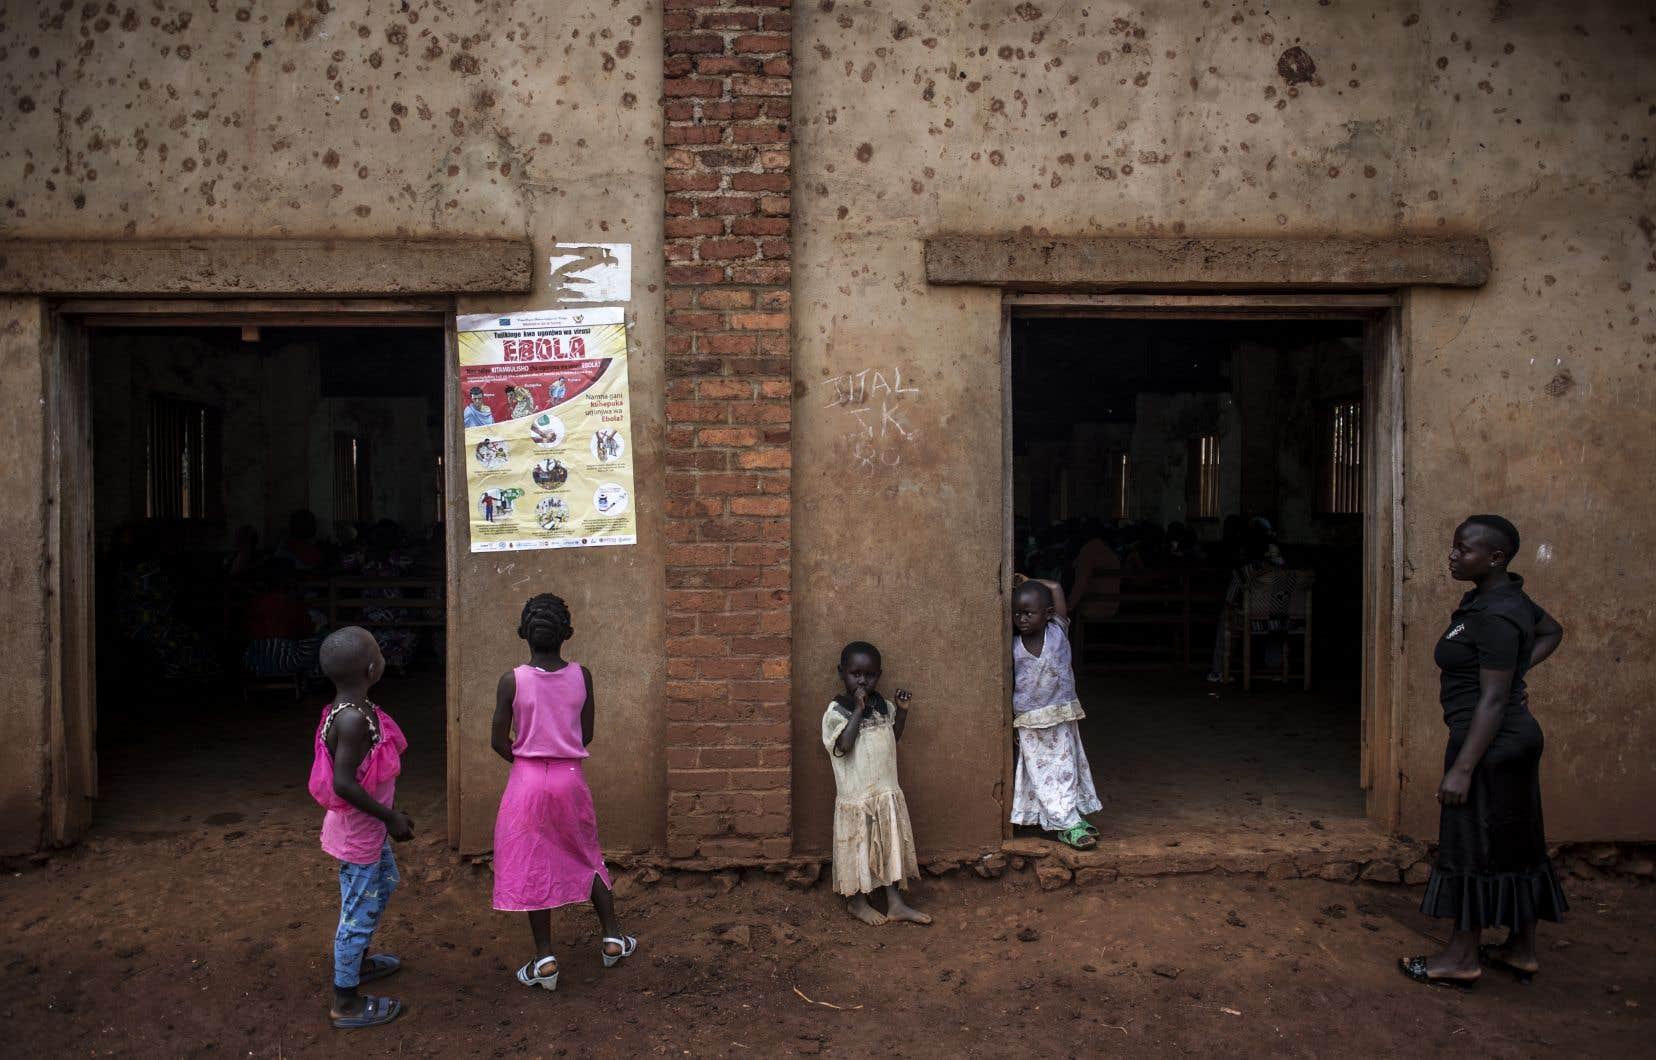 Les cas au Nord-Kivu vont compliquer la lutte contre l'épidémie, puisque les équipes de l'ONU ne peuvent s'y déplacer qu'avec une escorte armée.